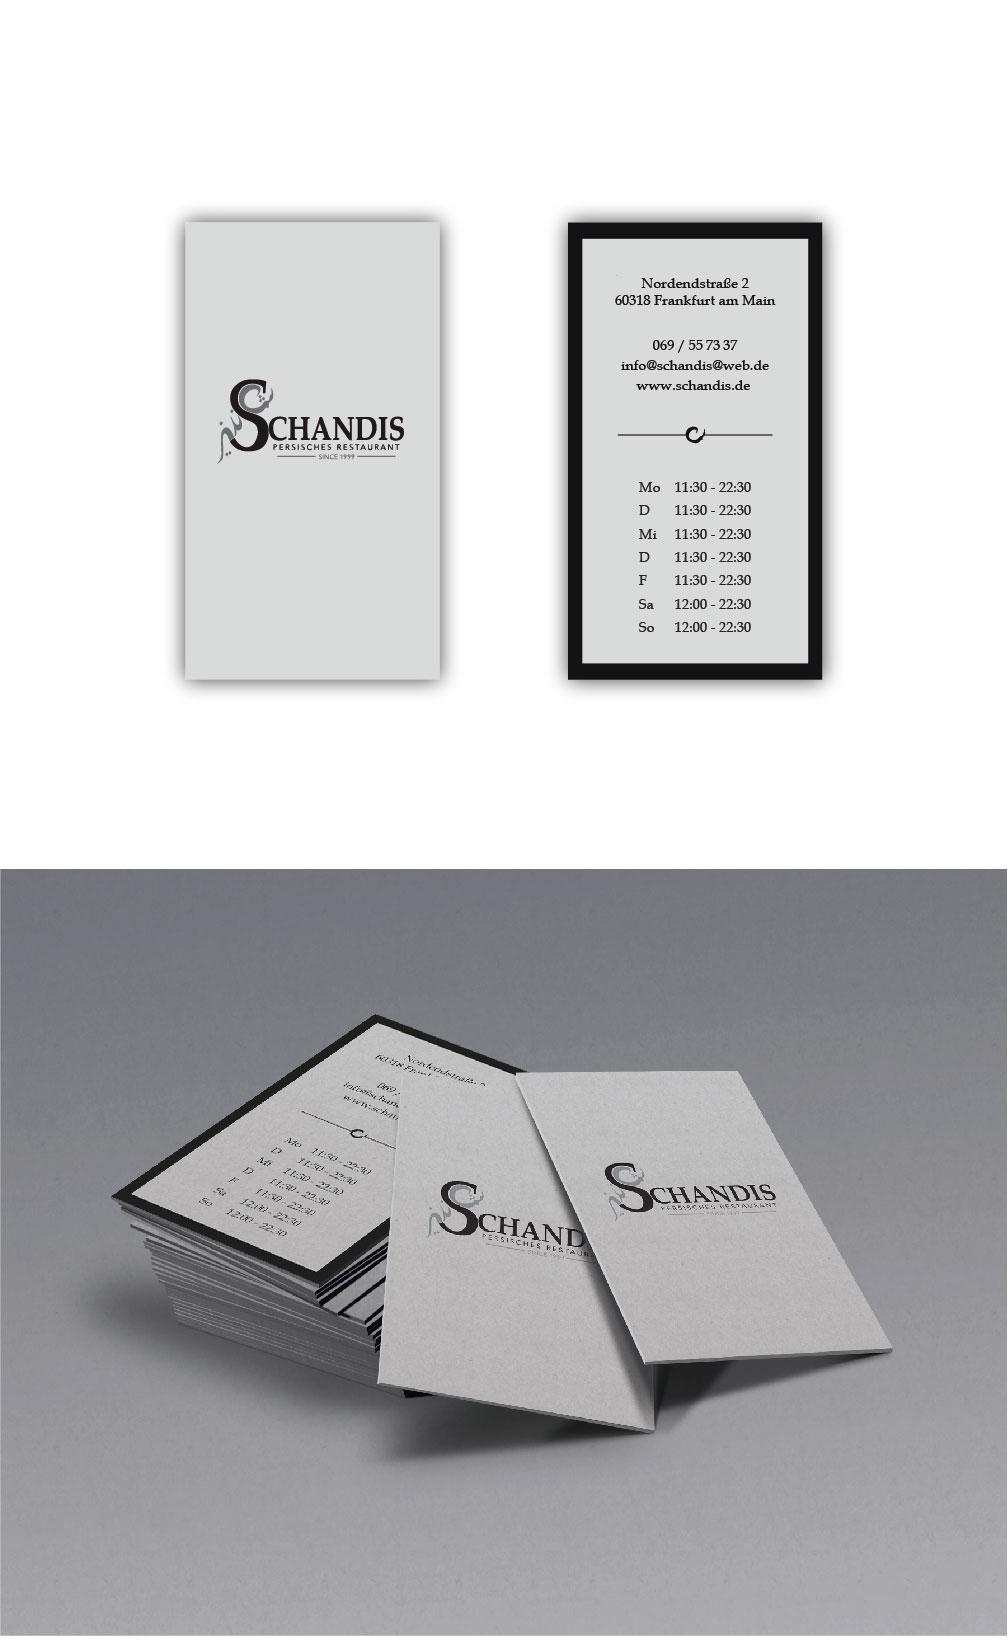 design #11 of Schroeder Design